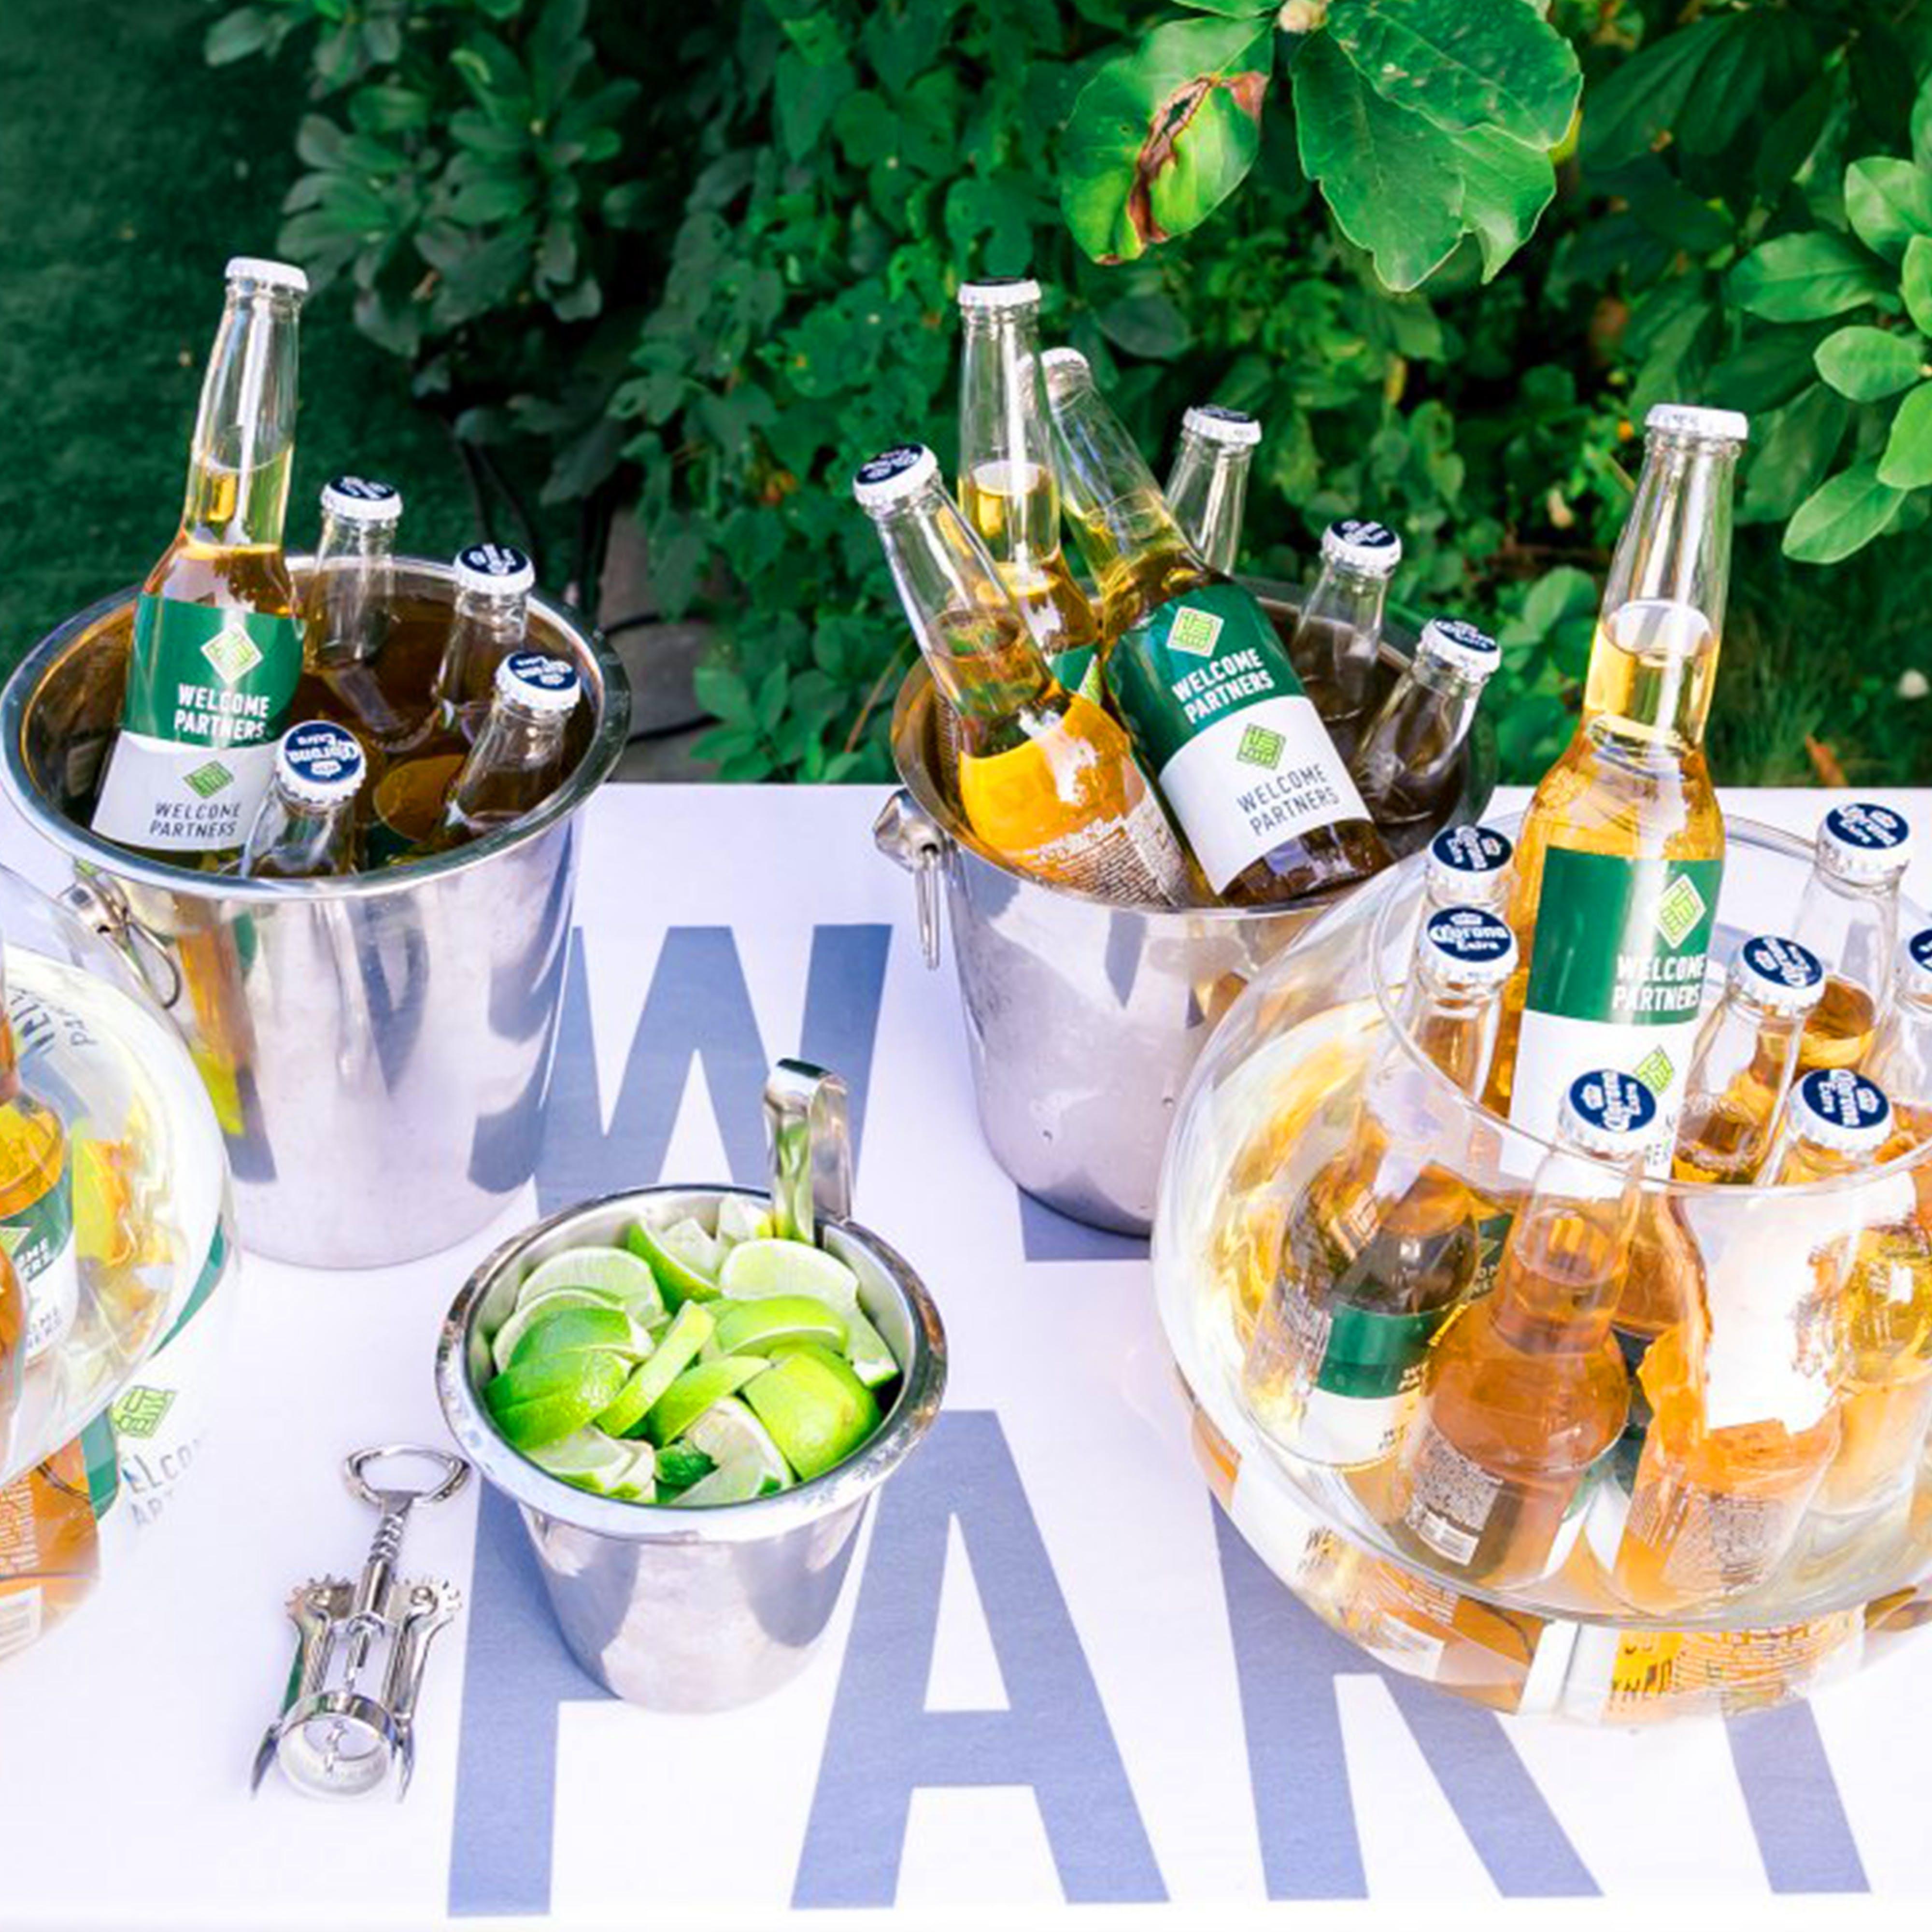 Foto d'estoc gratuïta de ampolla de cervesa, ampolles, begudes, begudes alcohòliques